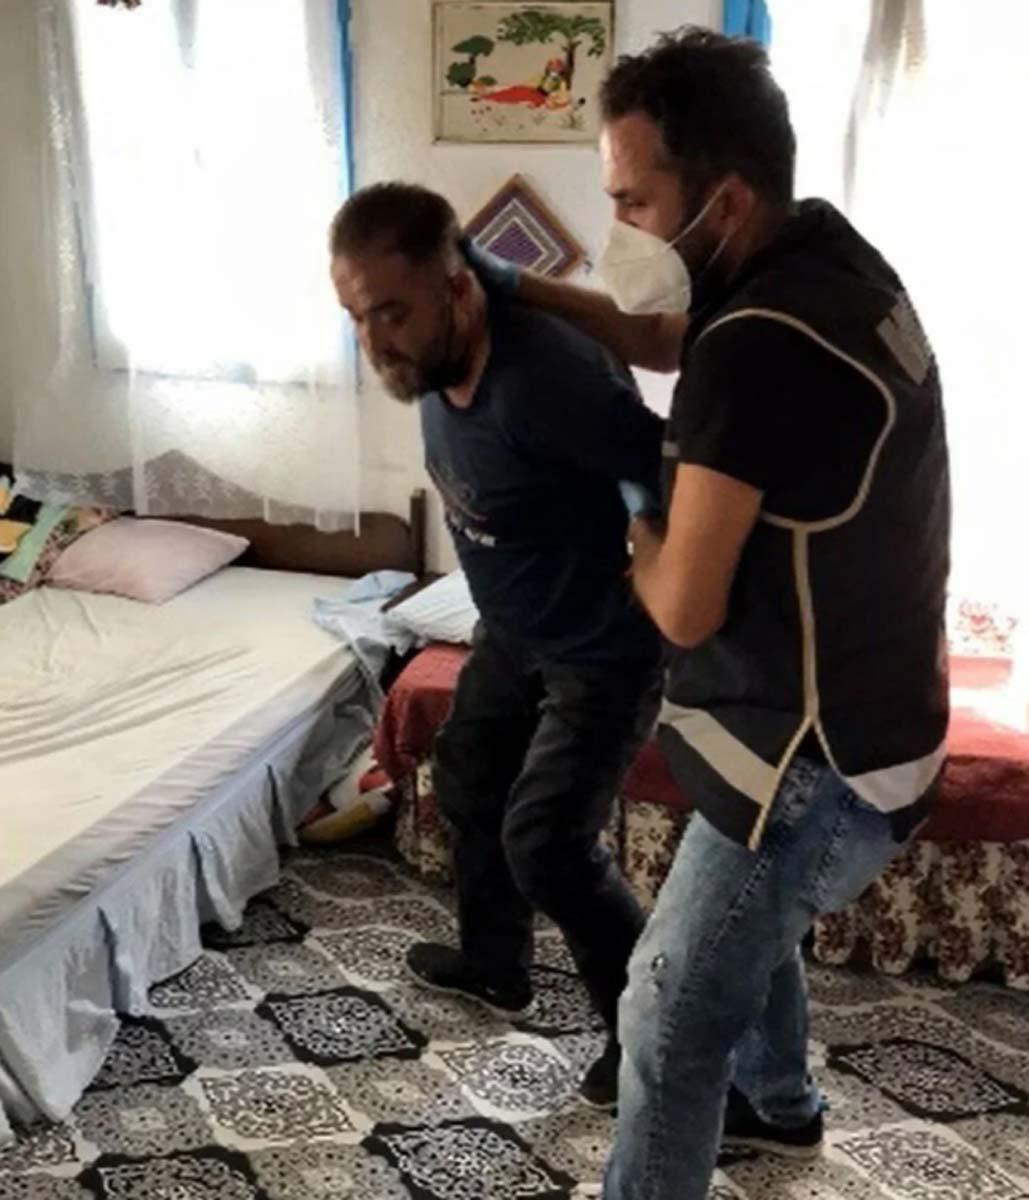 Muğla Fethiye'de cinci hoca skandalı! Cin çıkarma bahanesiyle kadınları taciz etti, cinsel saldırıda bulundu!